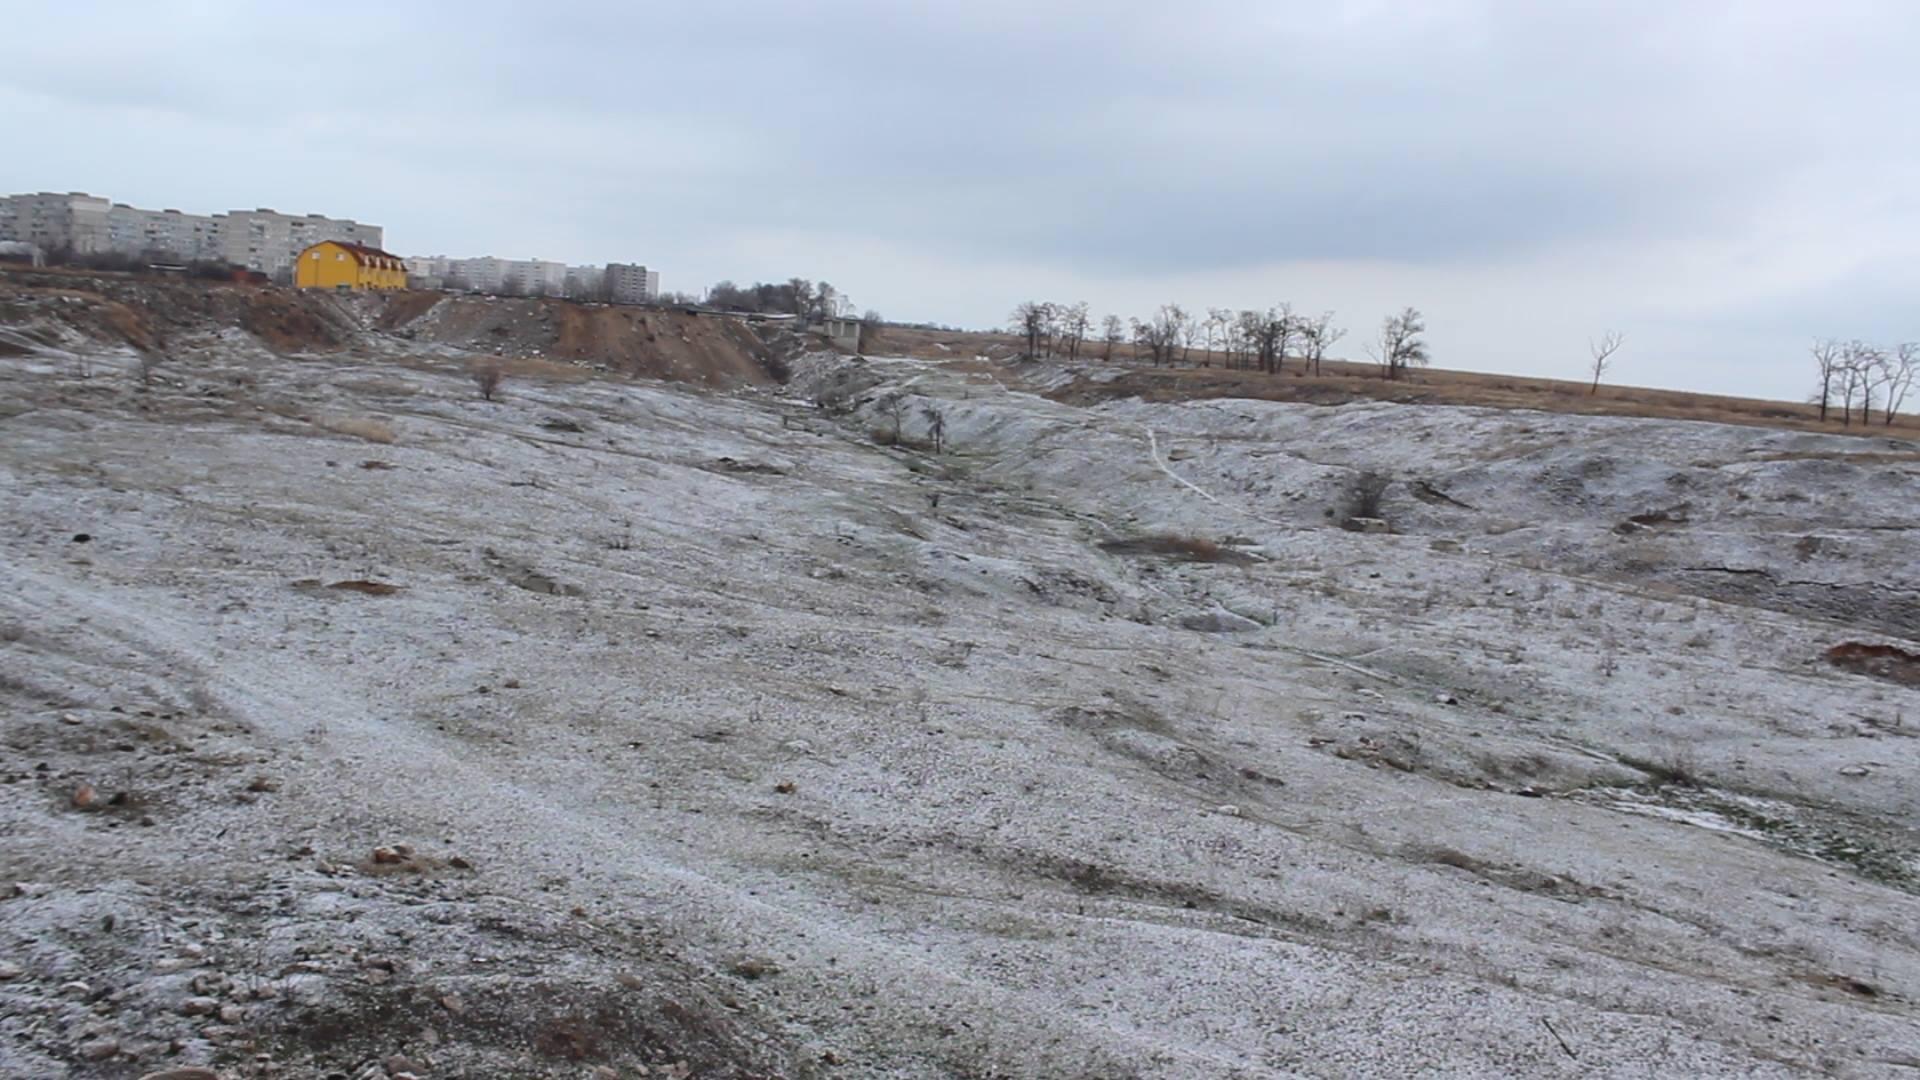 Ані рабів, ані землі: Як влада Маріуполя видала бійцям АТО ділянки на смітнику і в болоті - фото 4